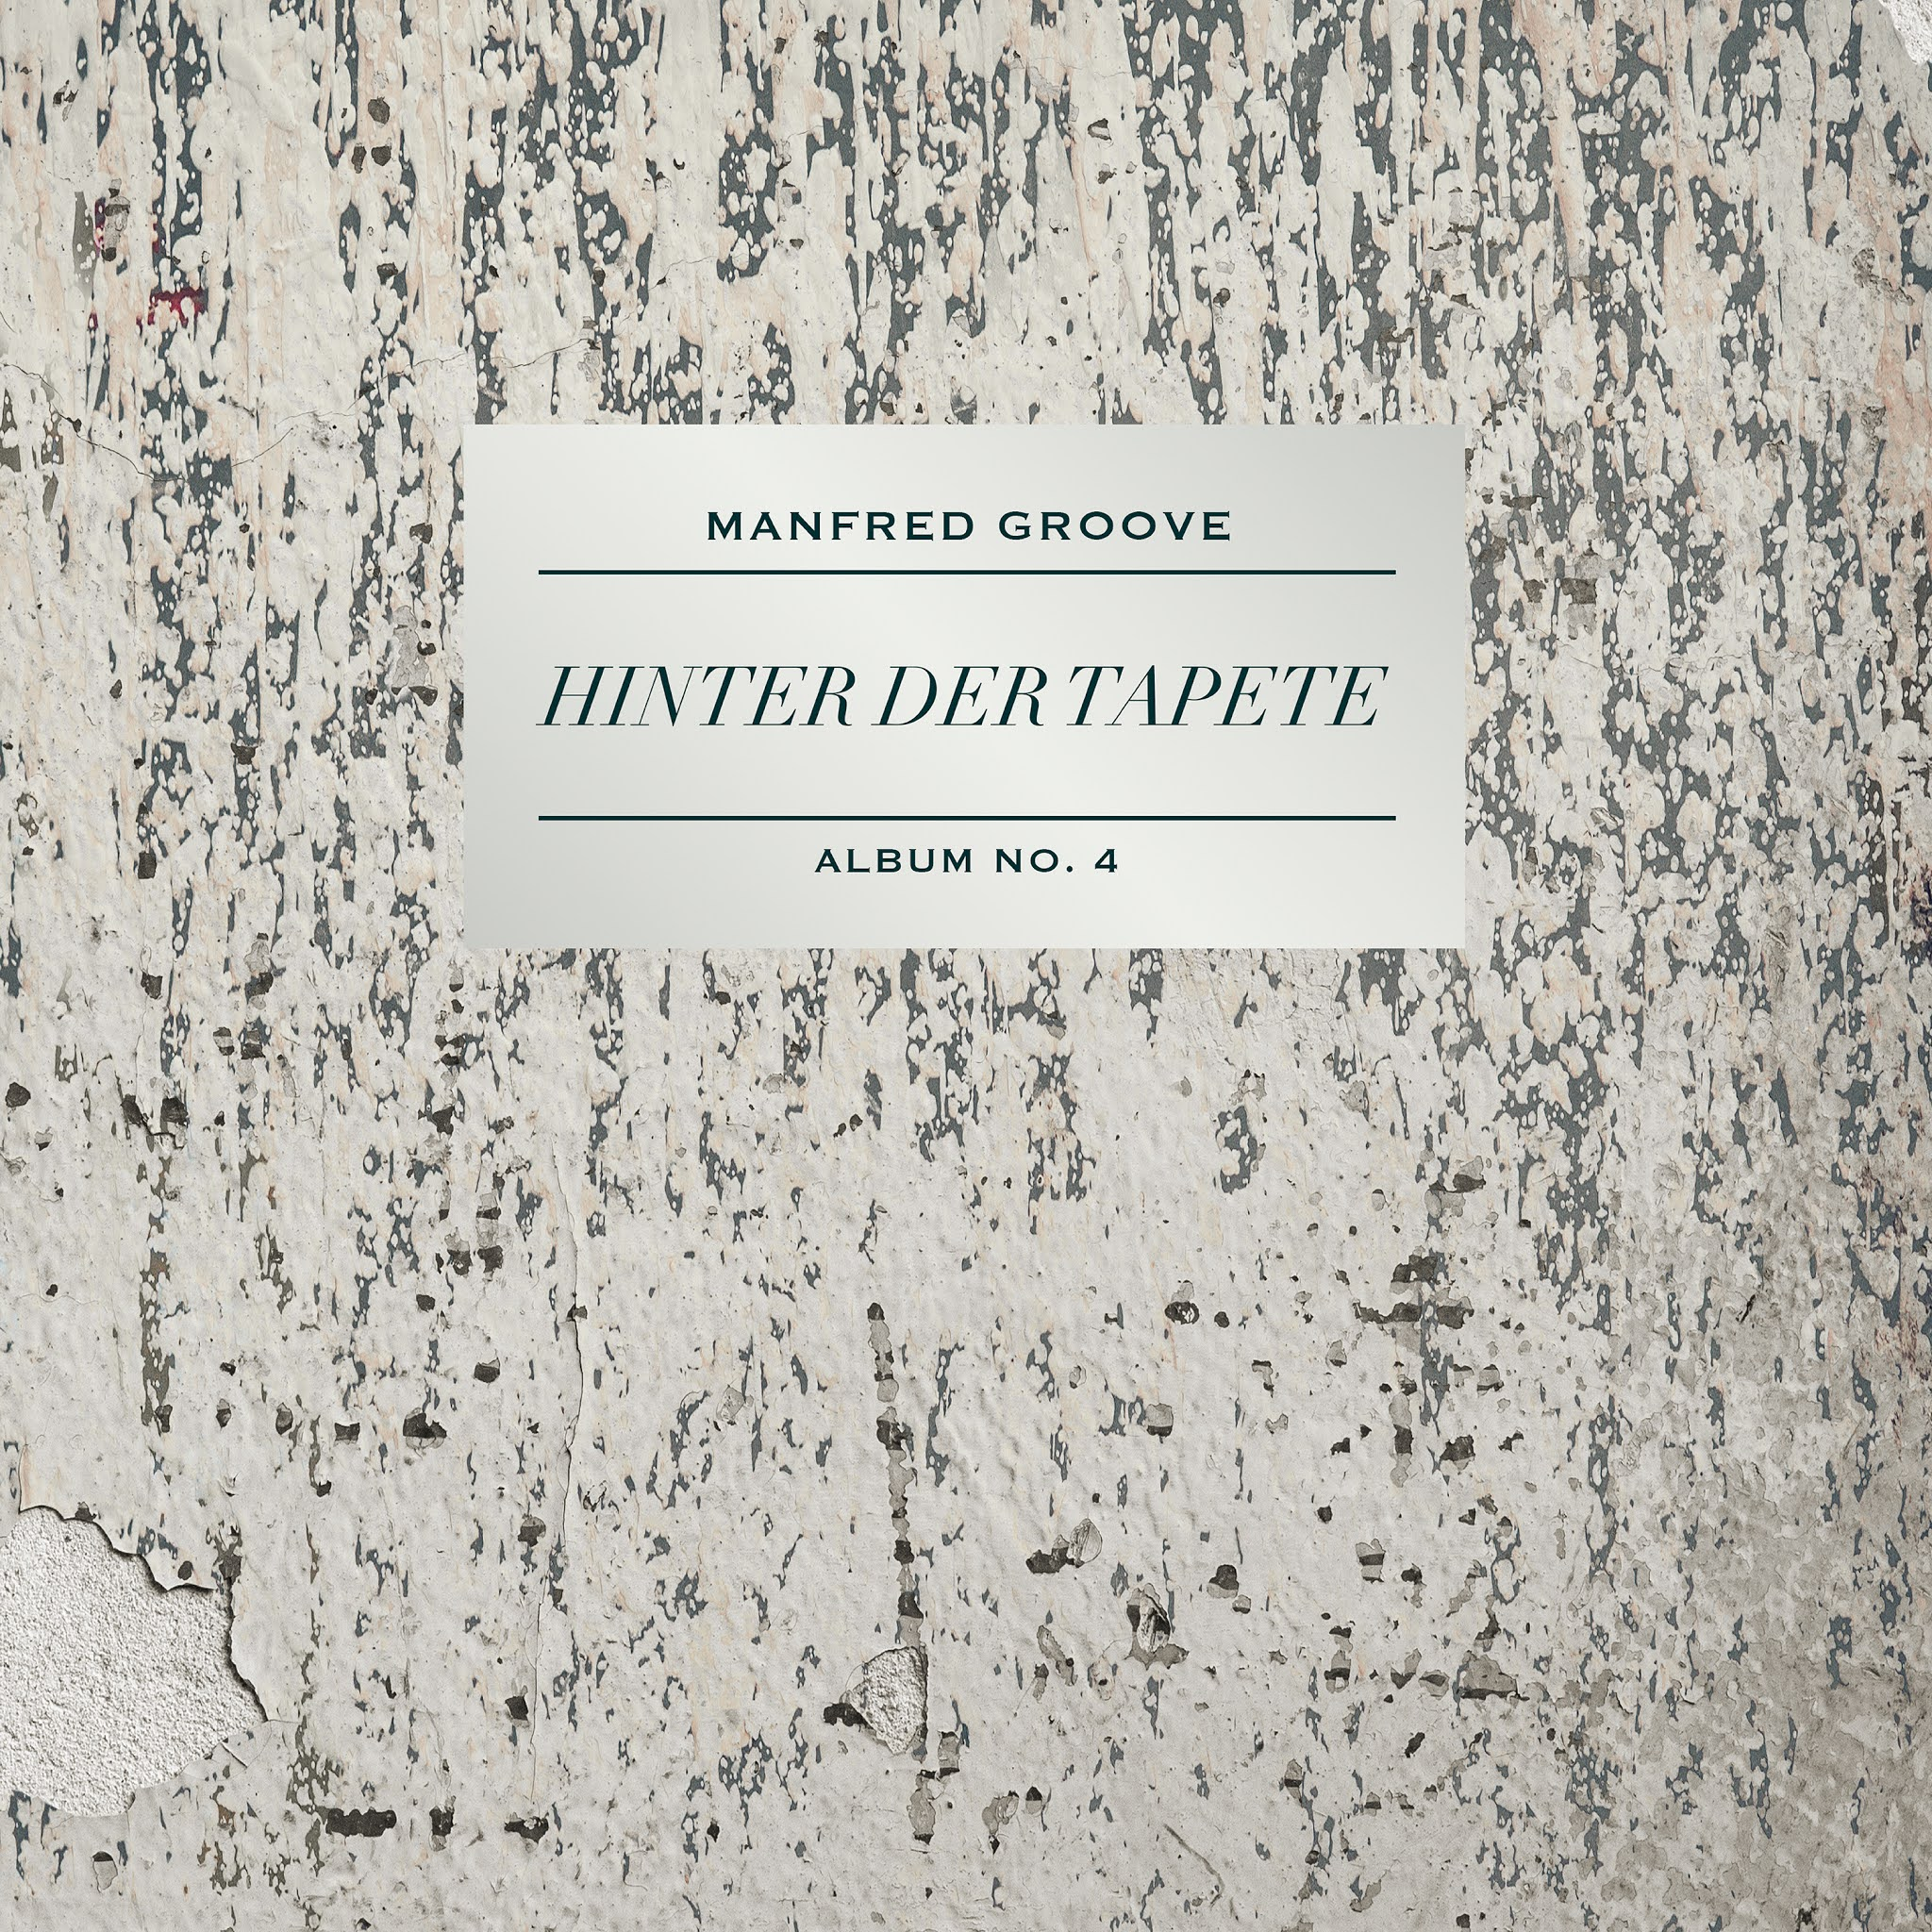 Manfred Groove - Hinter der Tapete | Albumtipp und Full Album Stream